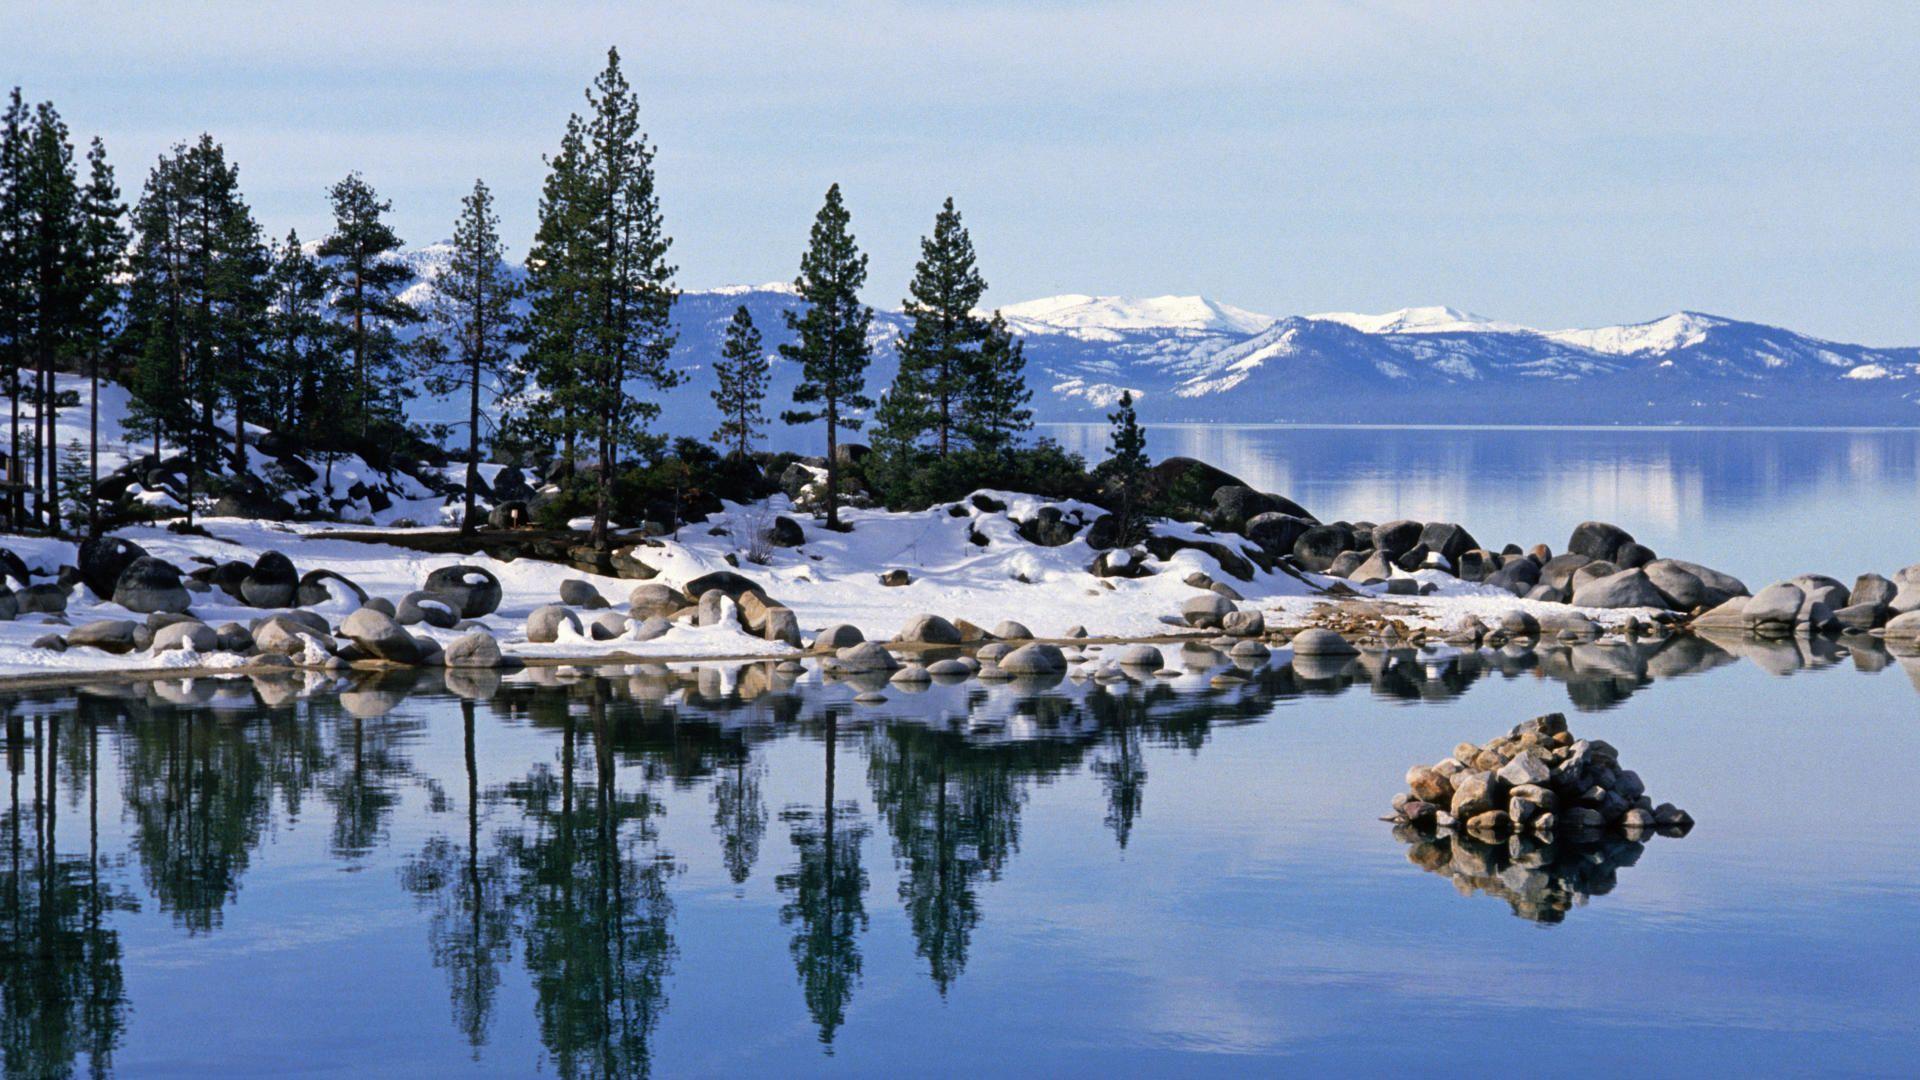 Lake Tahoe wallpaper free